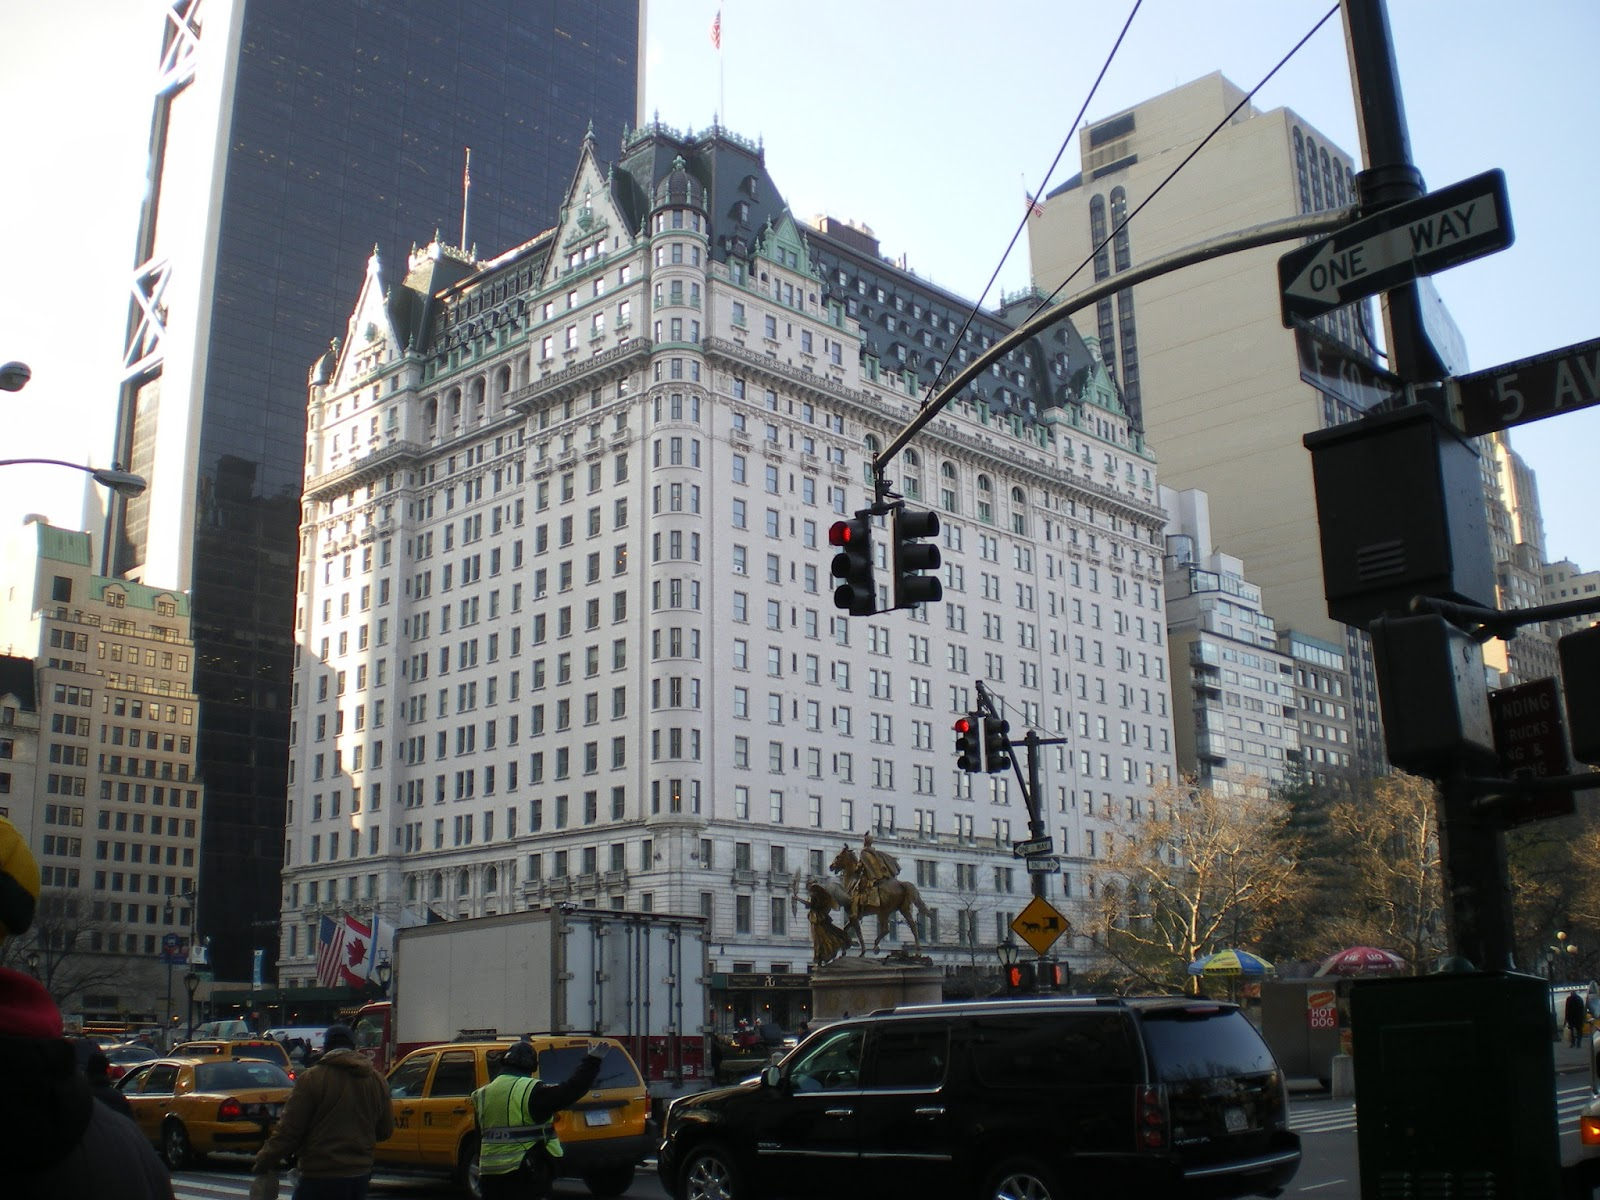 In viaggio per il mondo natale a new york